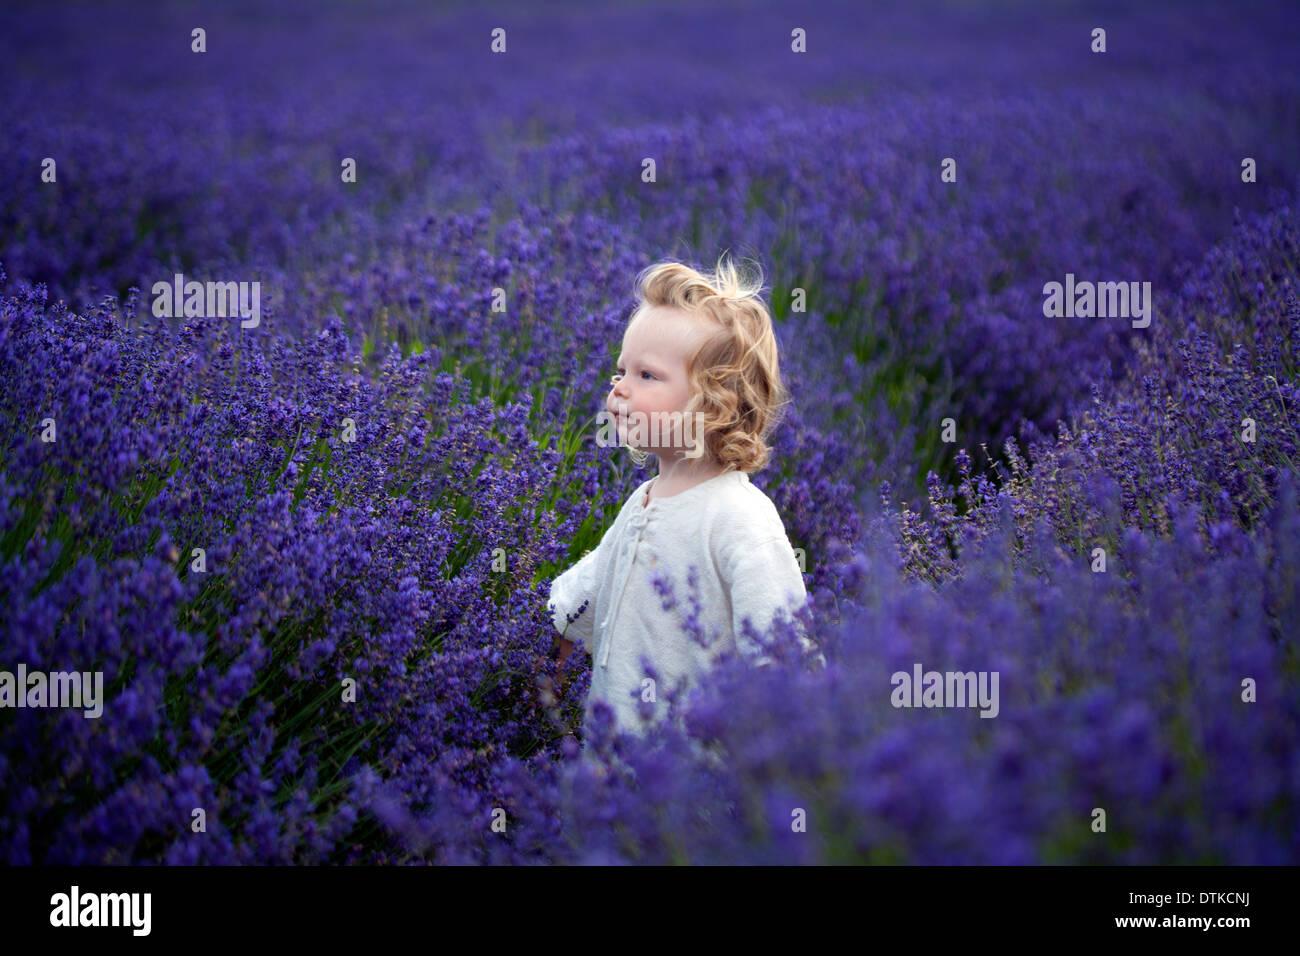 Boy walking in field of lavender - Stock Image